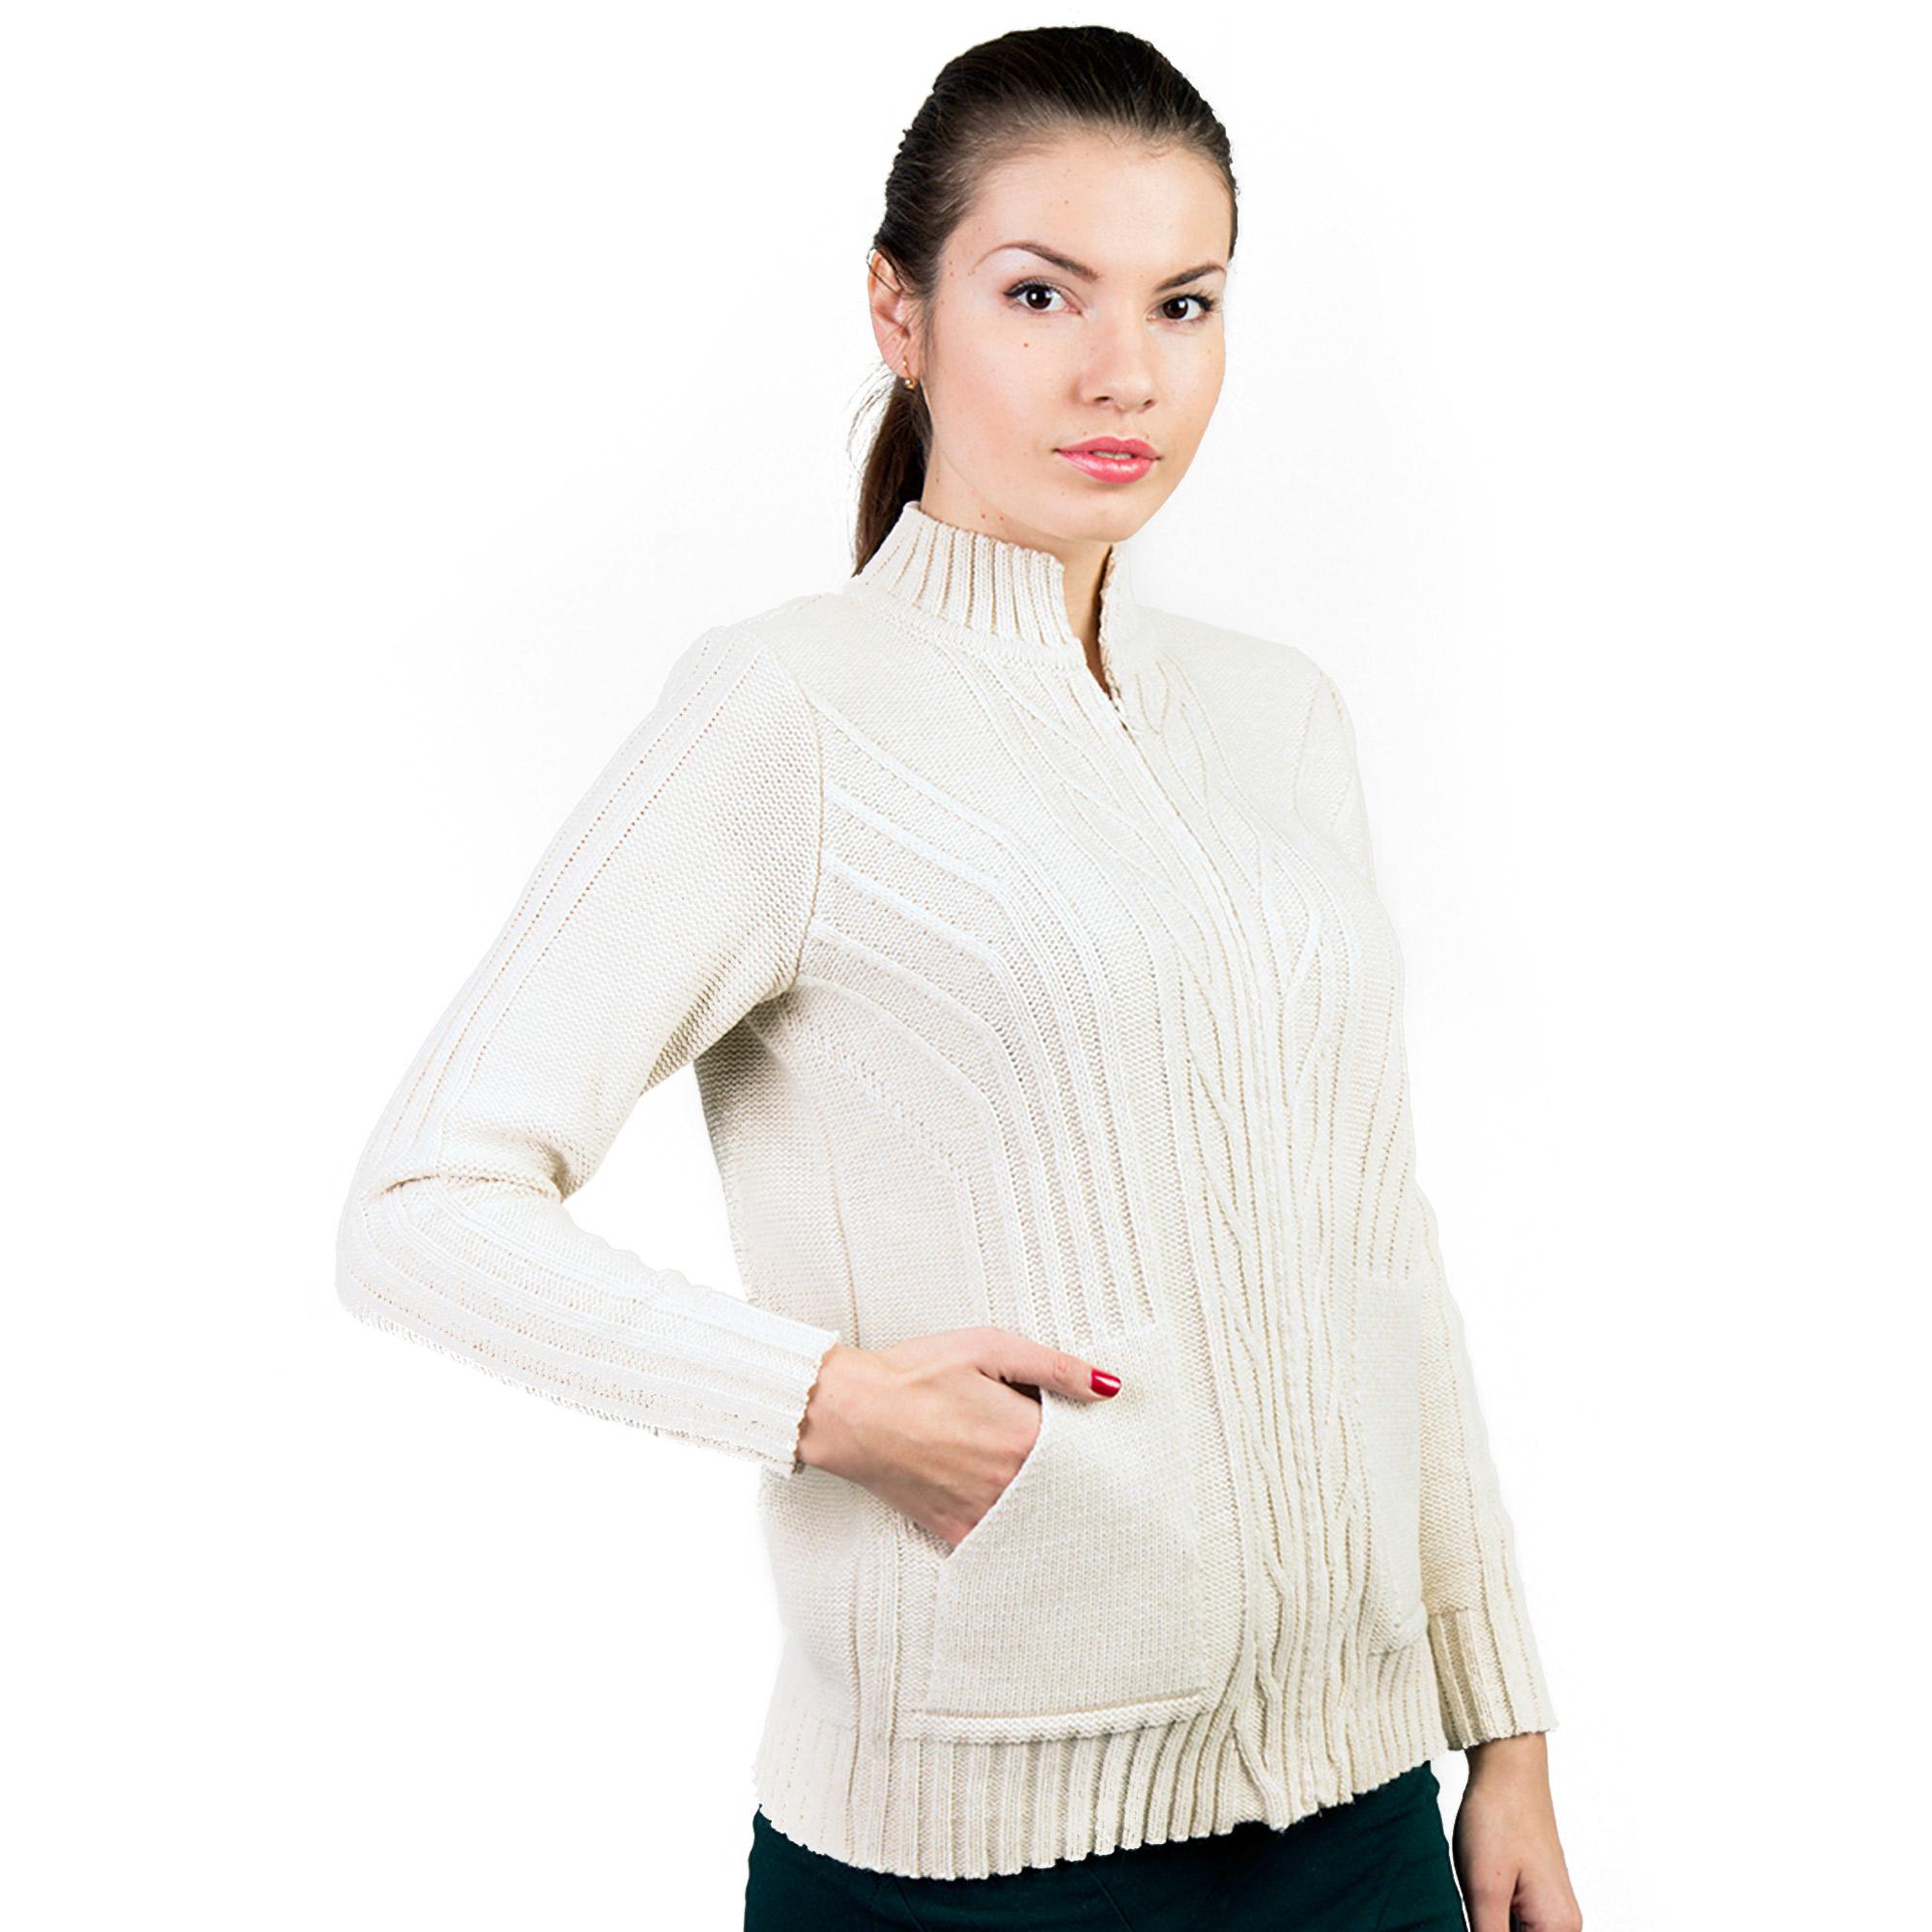 Купить Белый Джемпер Женский С Доставкой